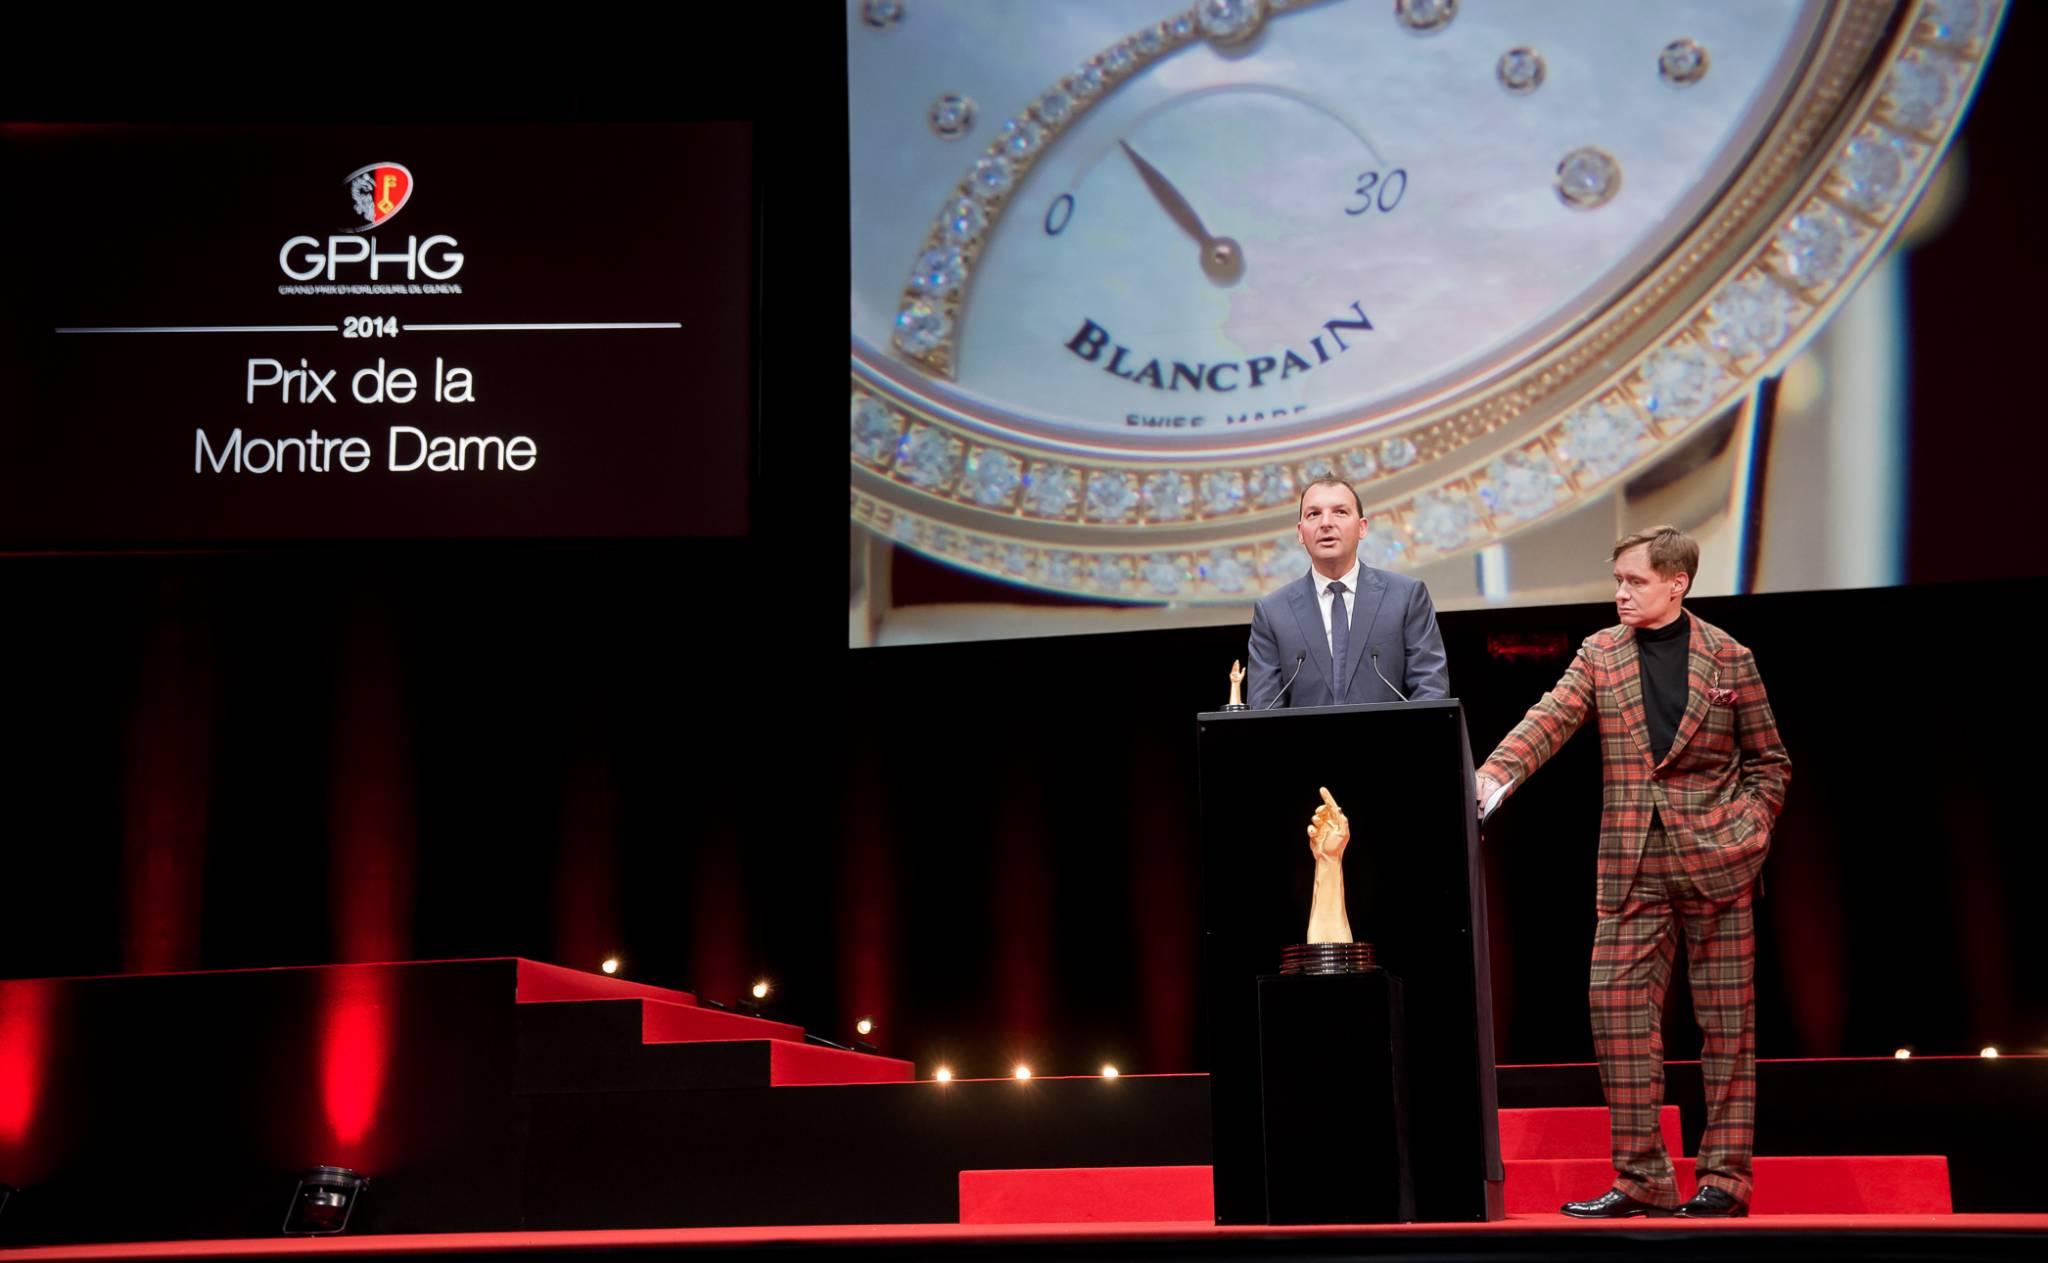 Vincent Becchia (Directeur produit de Blancpain, marque lauréate du Prix de la Montre Dame 2014) et Nick Foulkes (membre du jury)